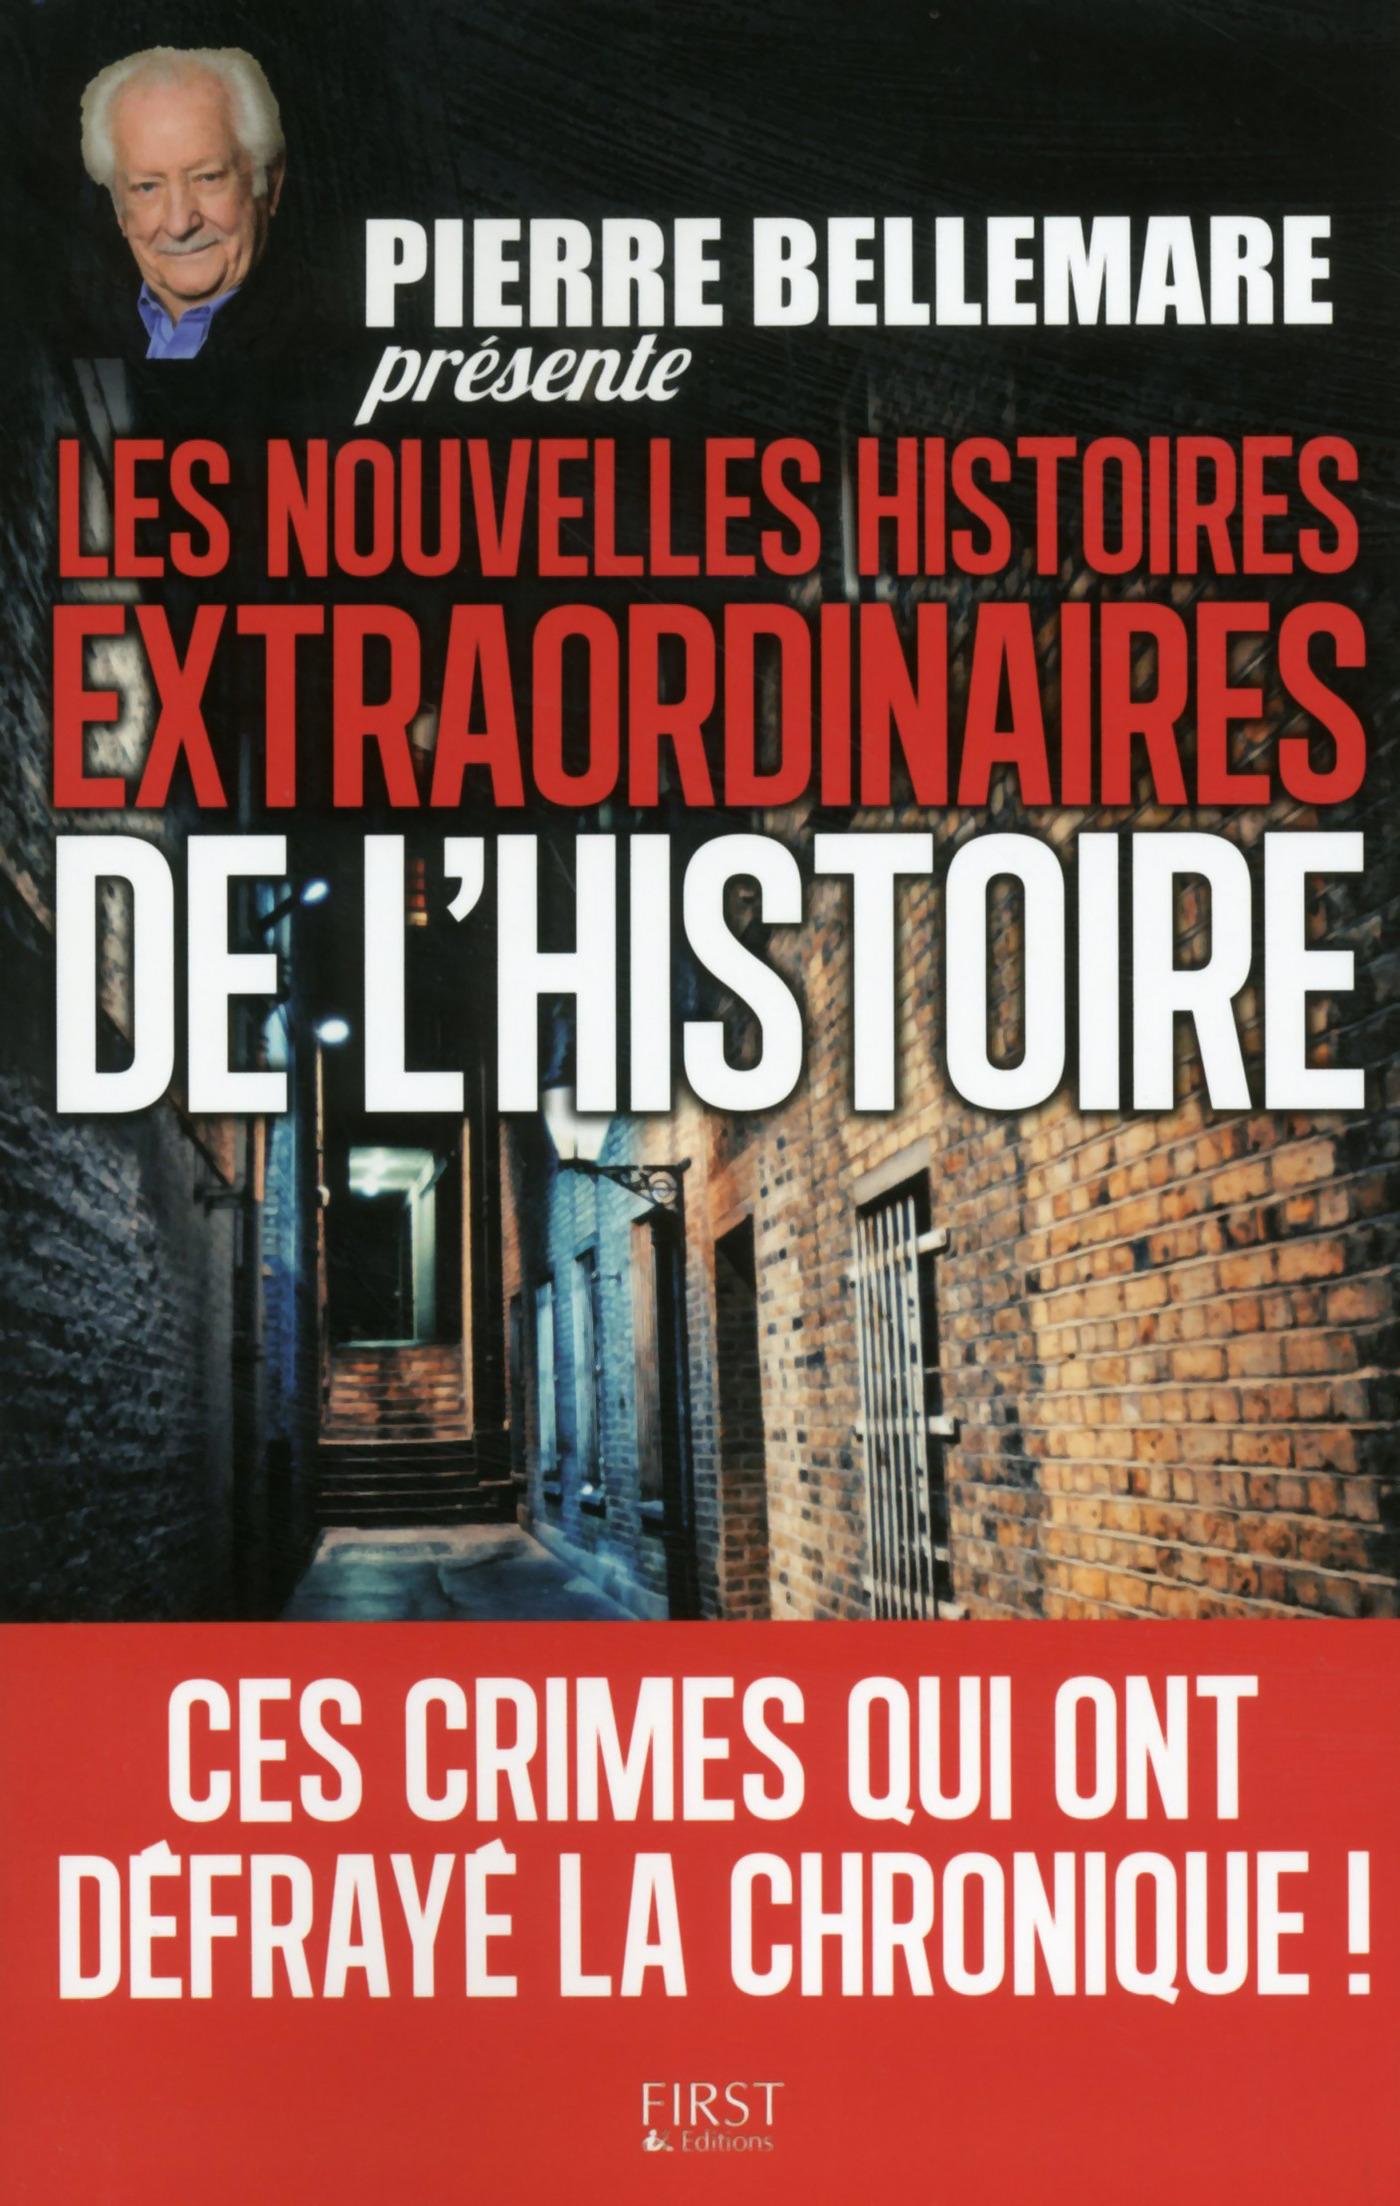 Pierre Bellemare présente les nouvelles histoires extraordinaires de l'Histoire (ebook)